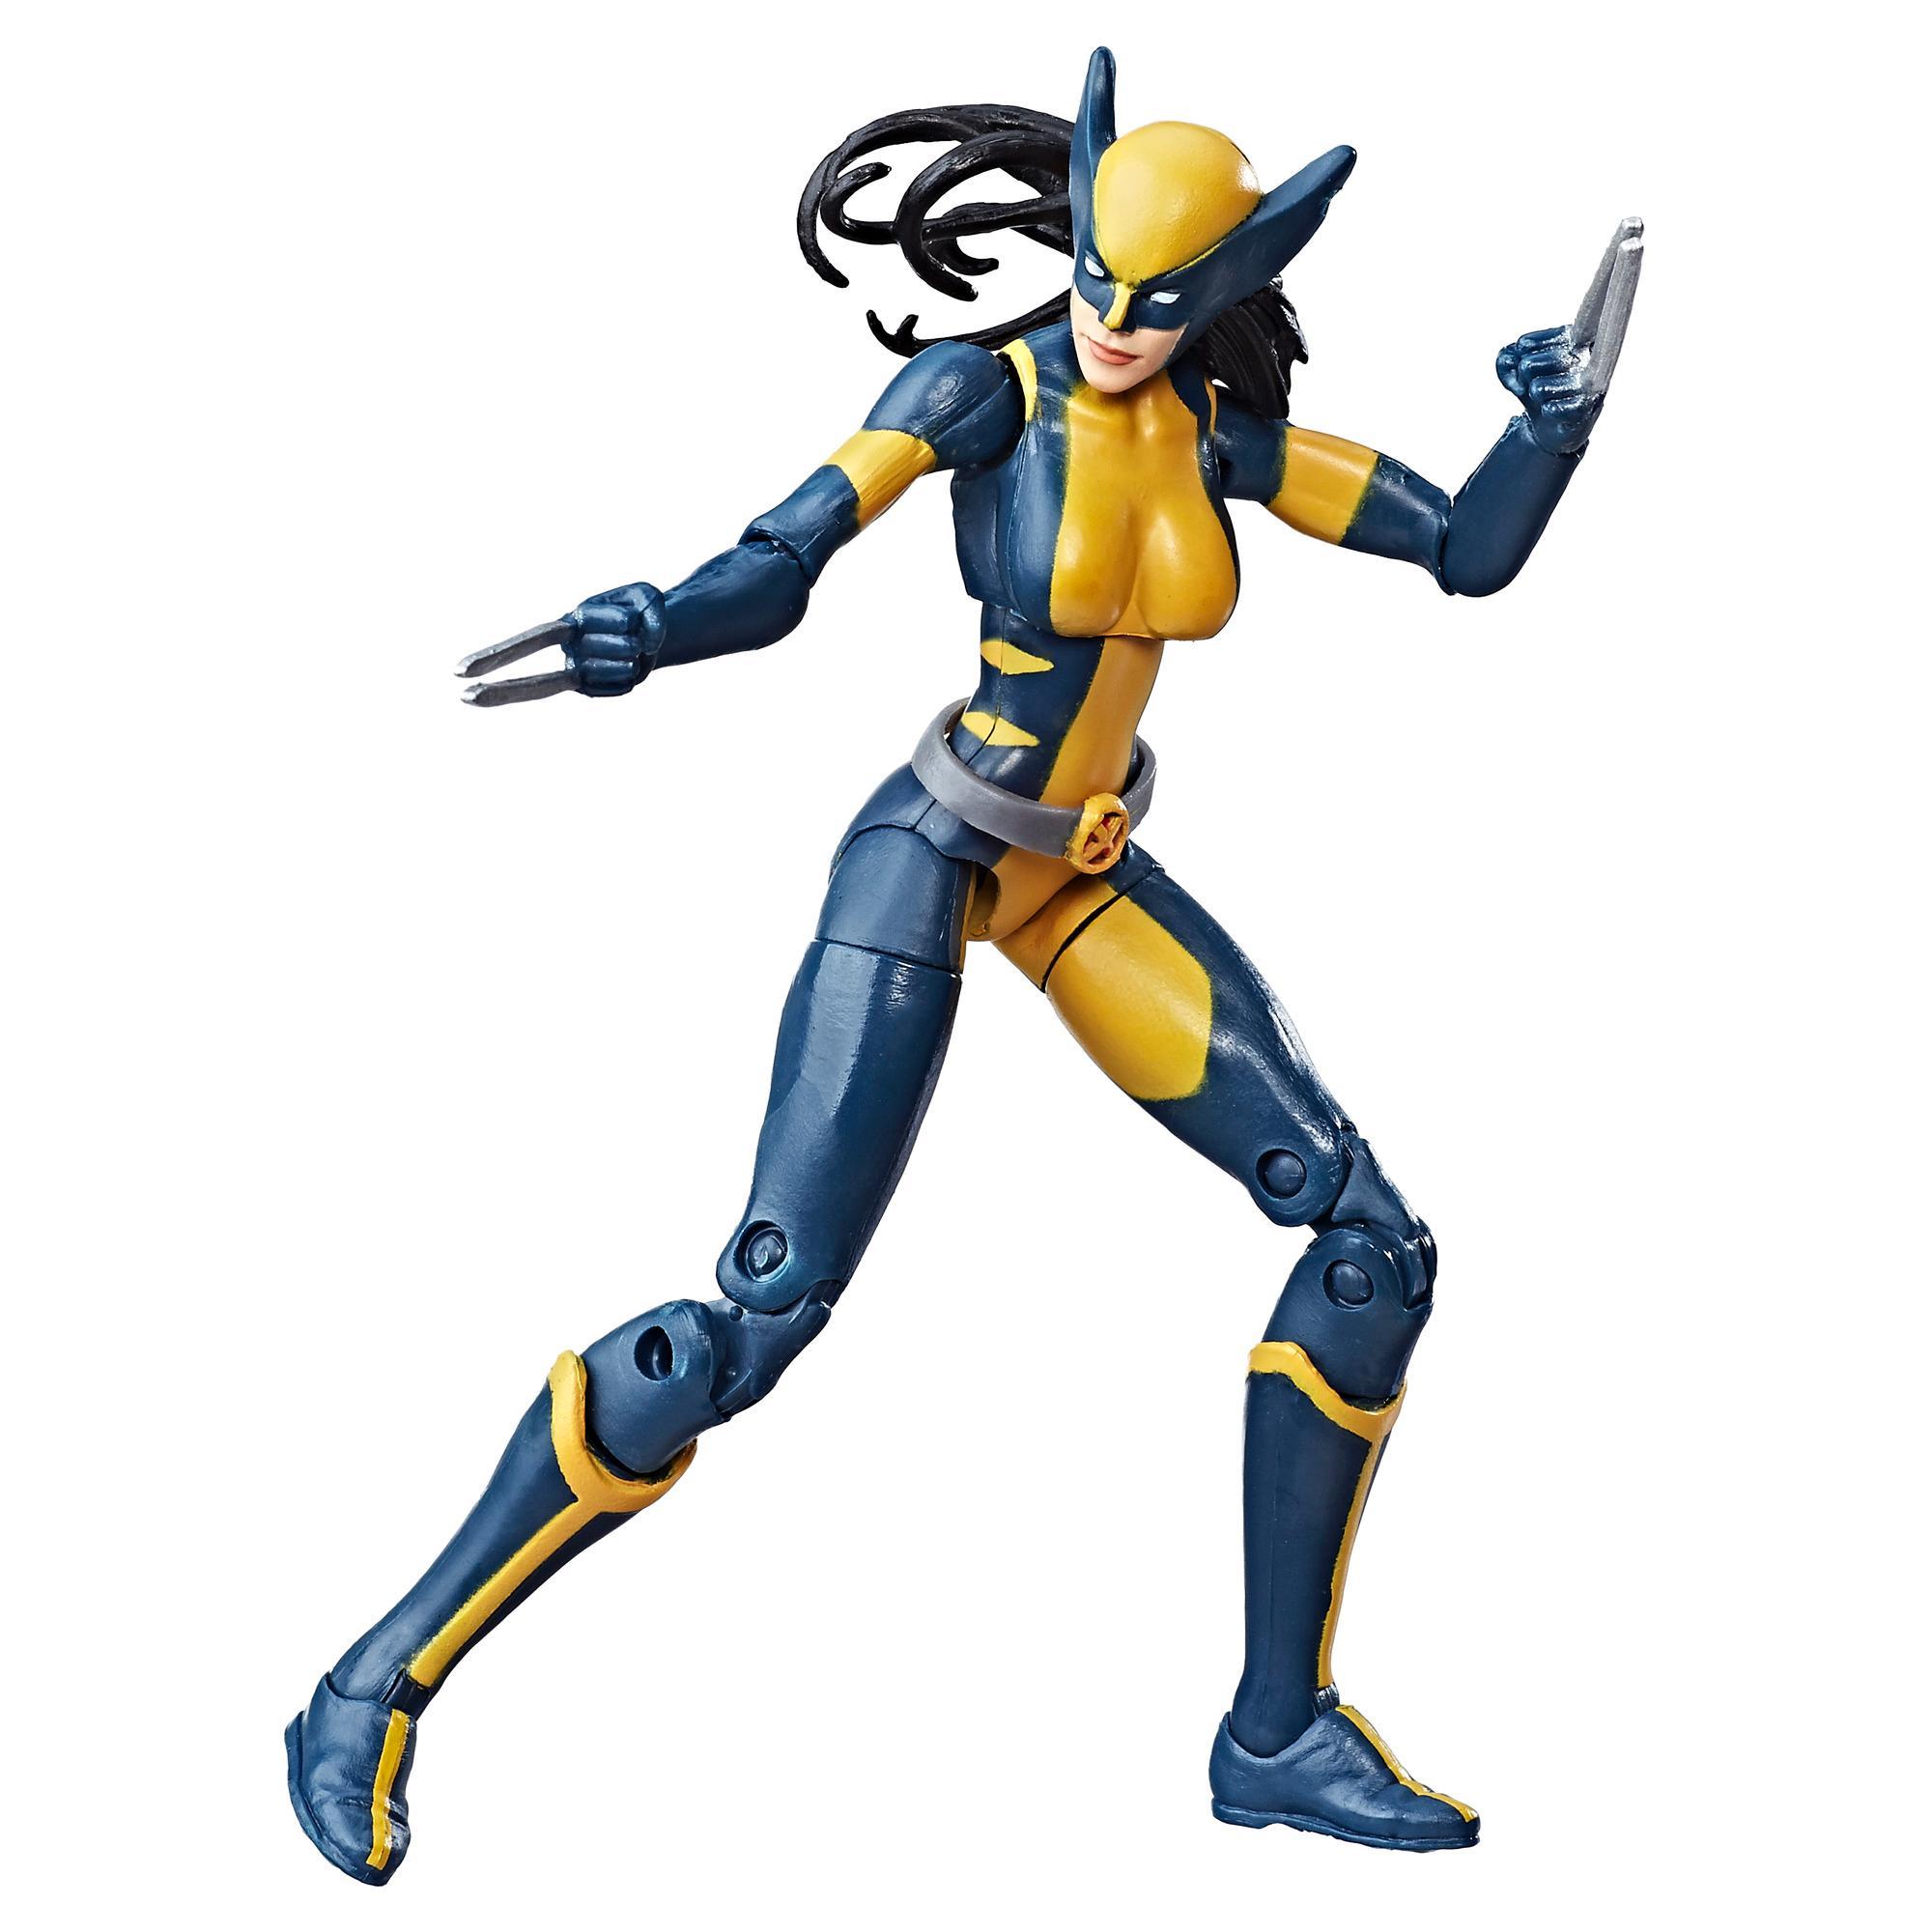 Marvel Legends Serie - Figurine Wolverine de 9 cm